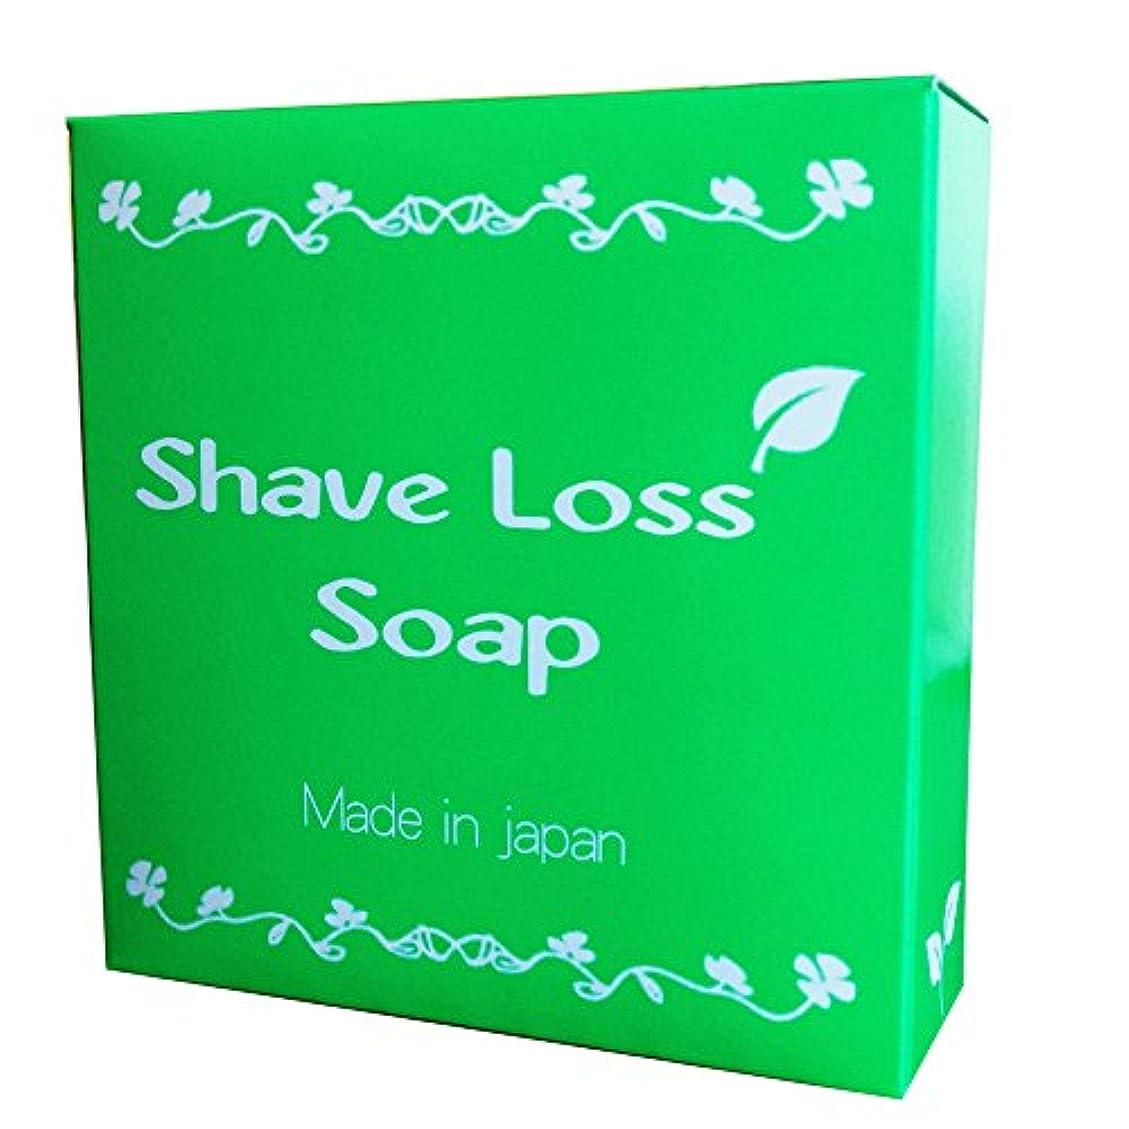 乱すレガシー隠Shave Loss Soap 女性のツルツルを叶える 奇跡の石鹸 80g (1個)